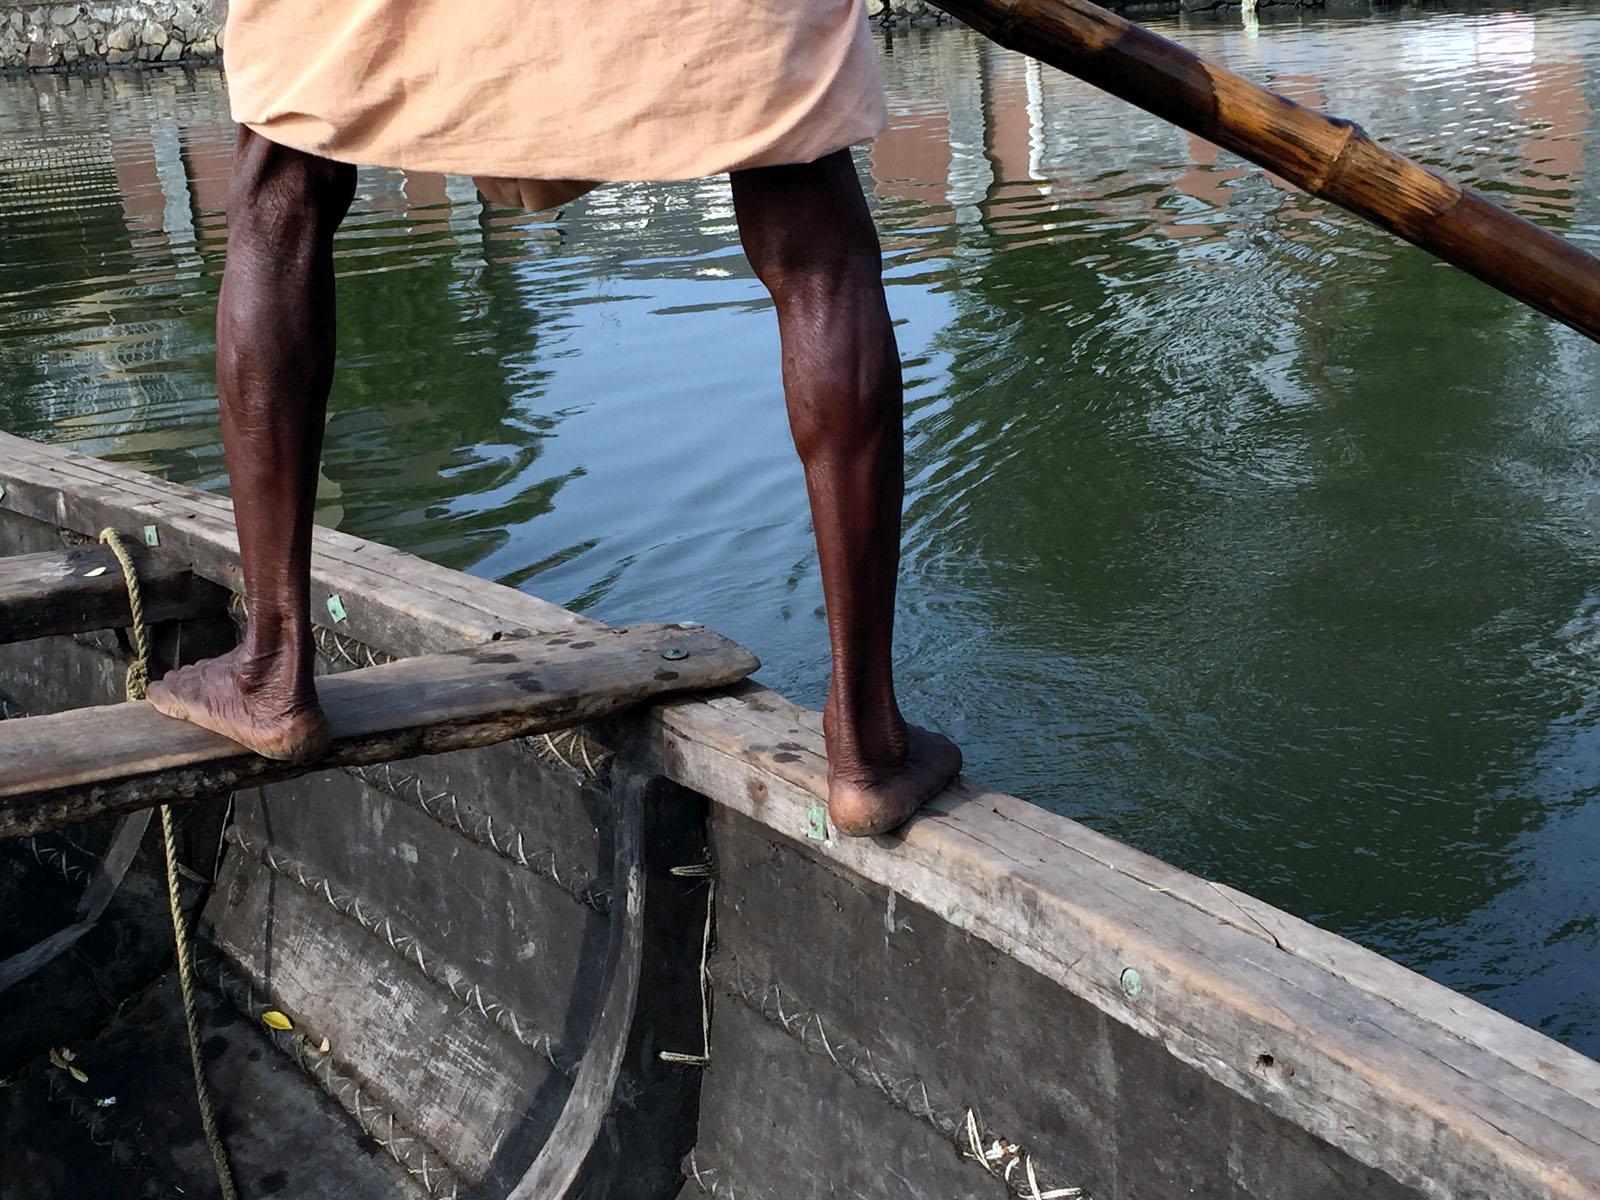 man-rows-boat-south-india.jpg